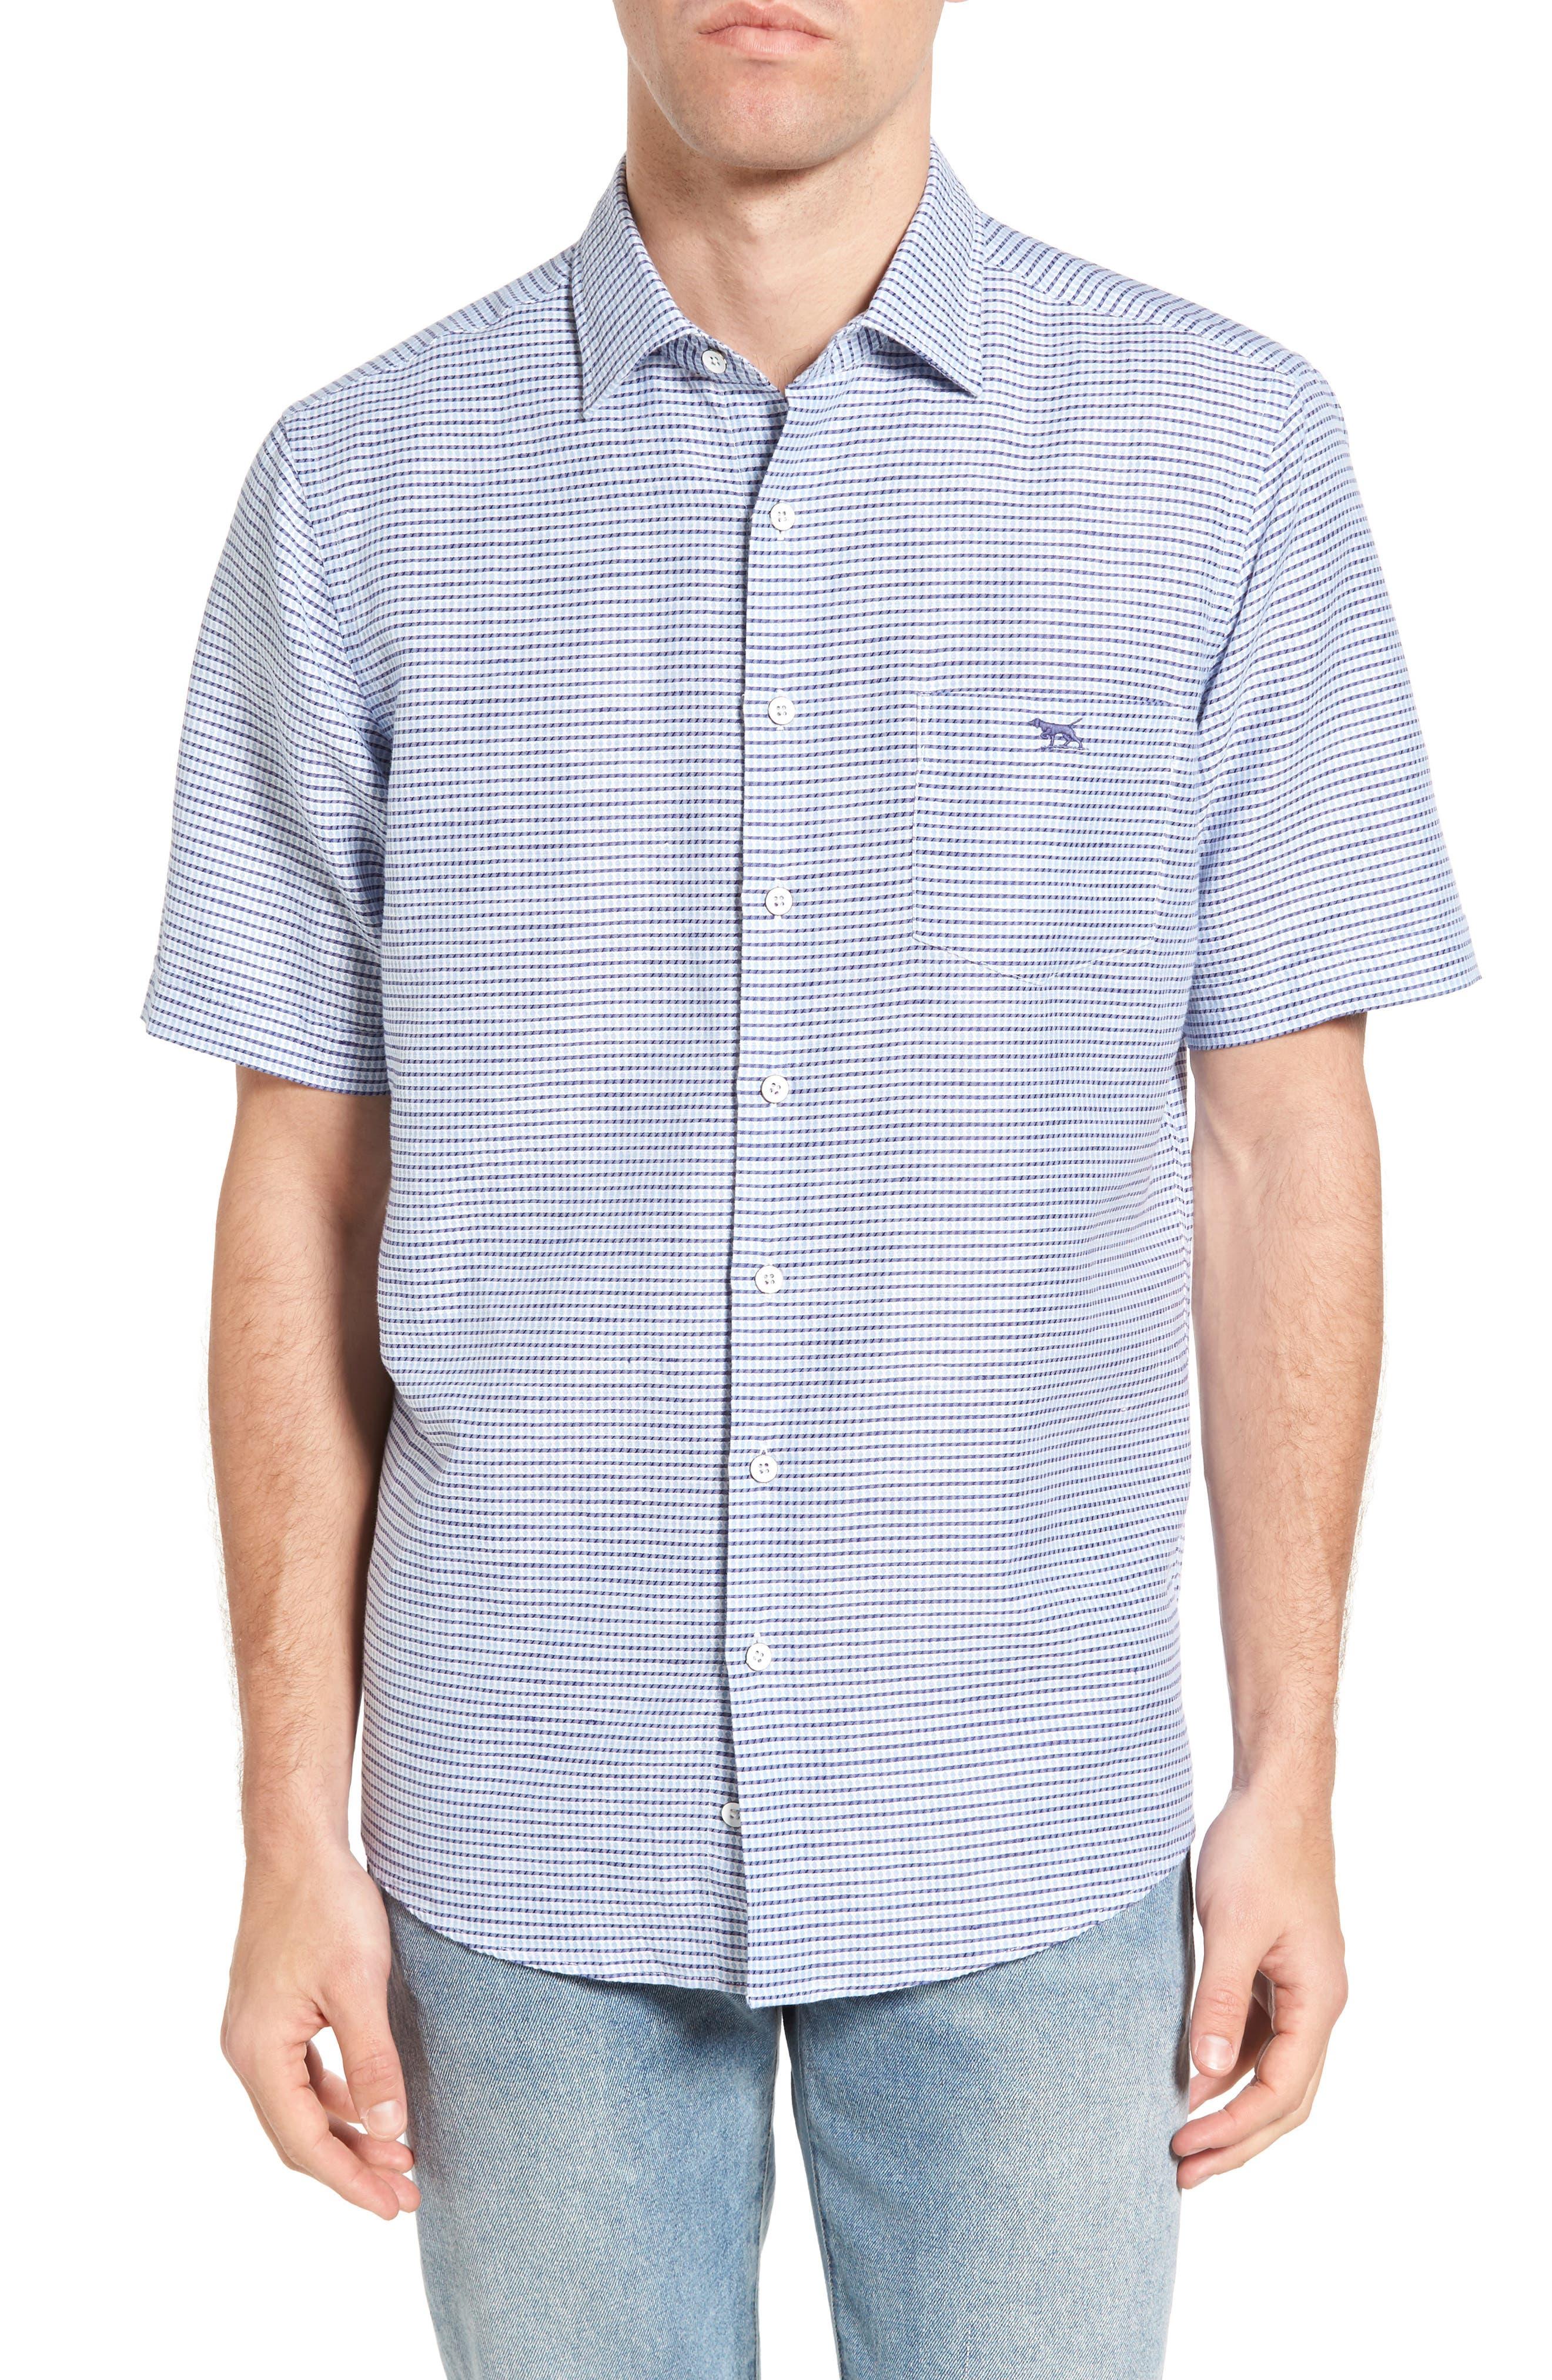 Rodd & Gunn Upper Hutt Original Fit Sport Shirt